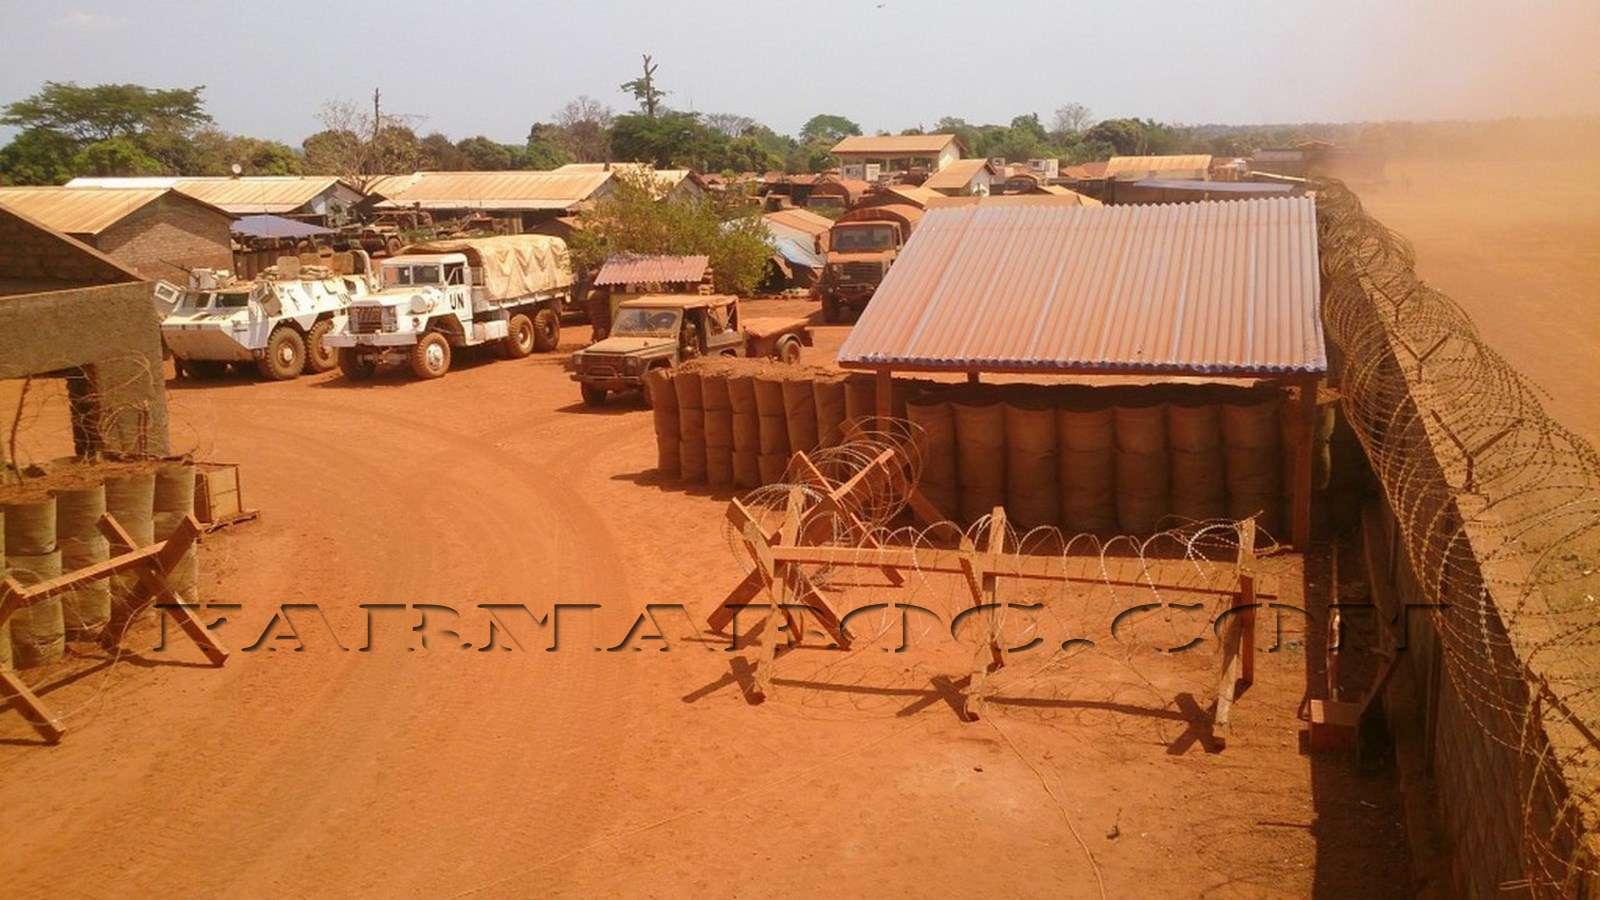 Maintien de la paix dans le monde - Les FAR en République Centrafricaine - RCA (MINUSCA) 810